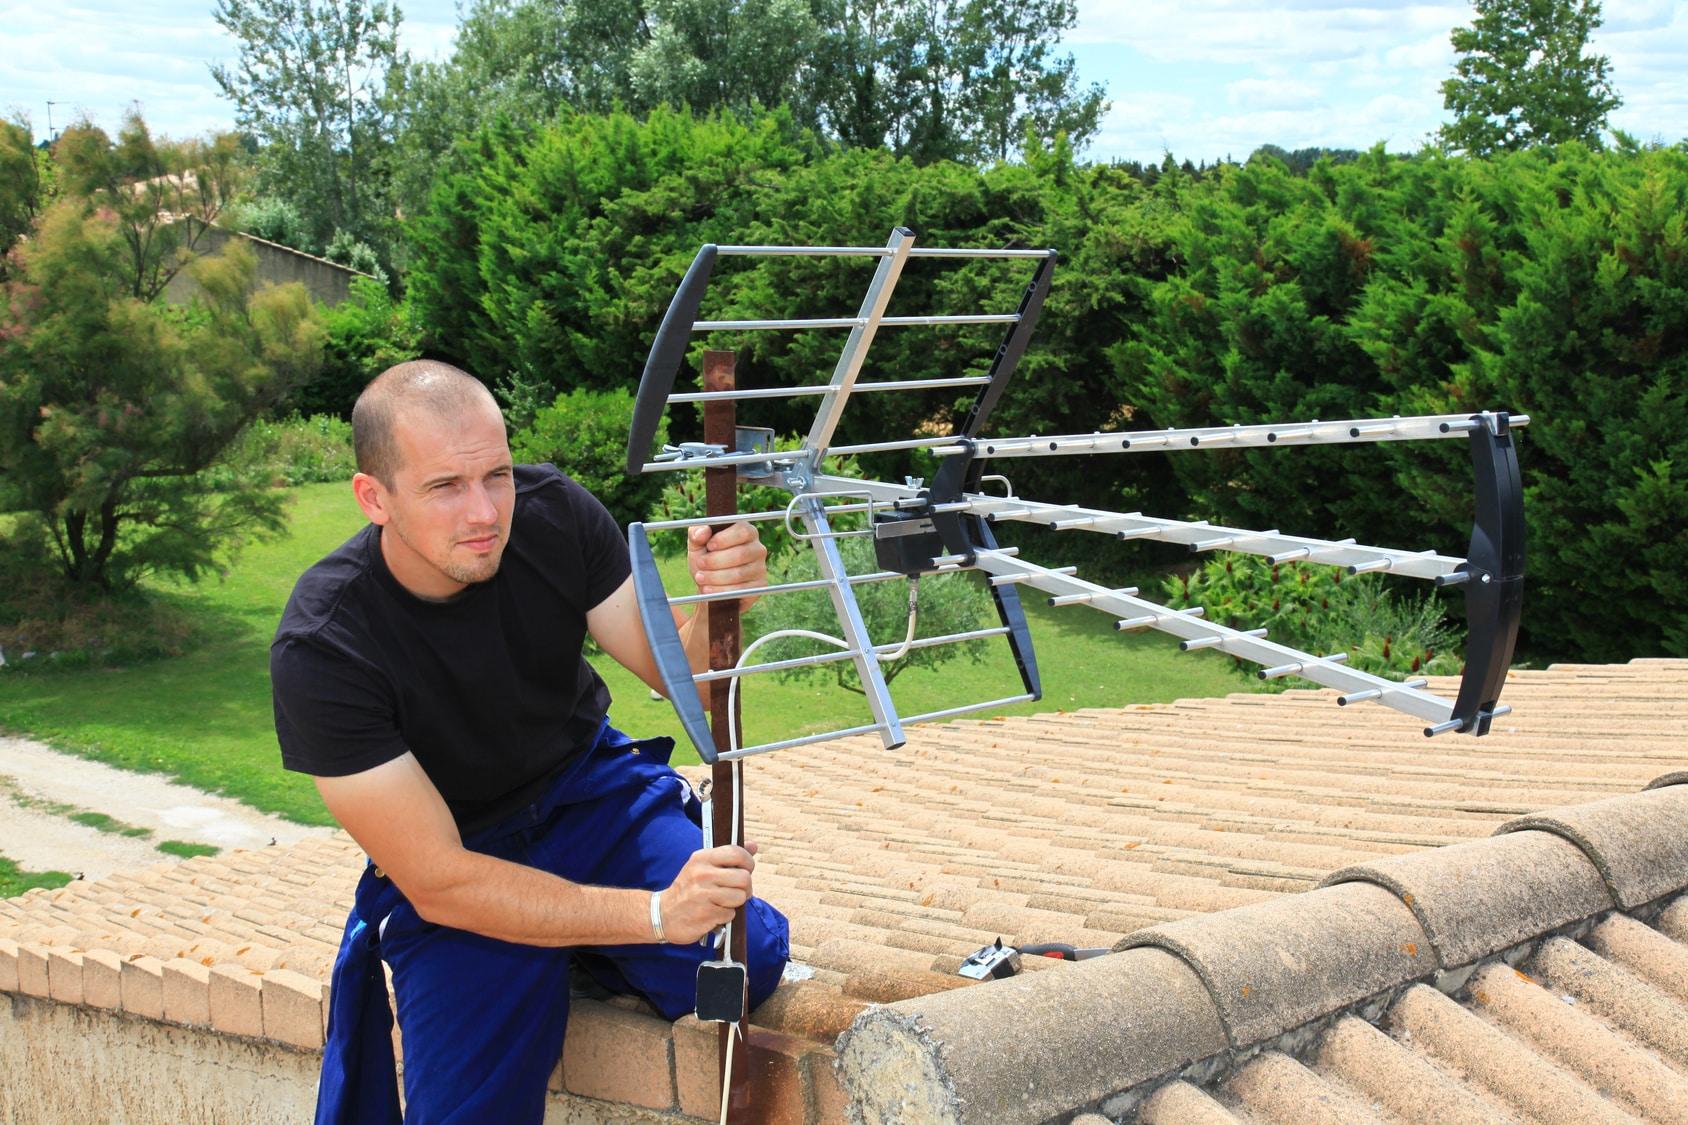 Prix de pose d 39 une antenne par un installateur for Orientation antenne tnt exterieur